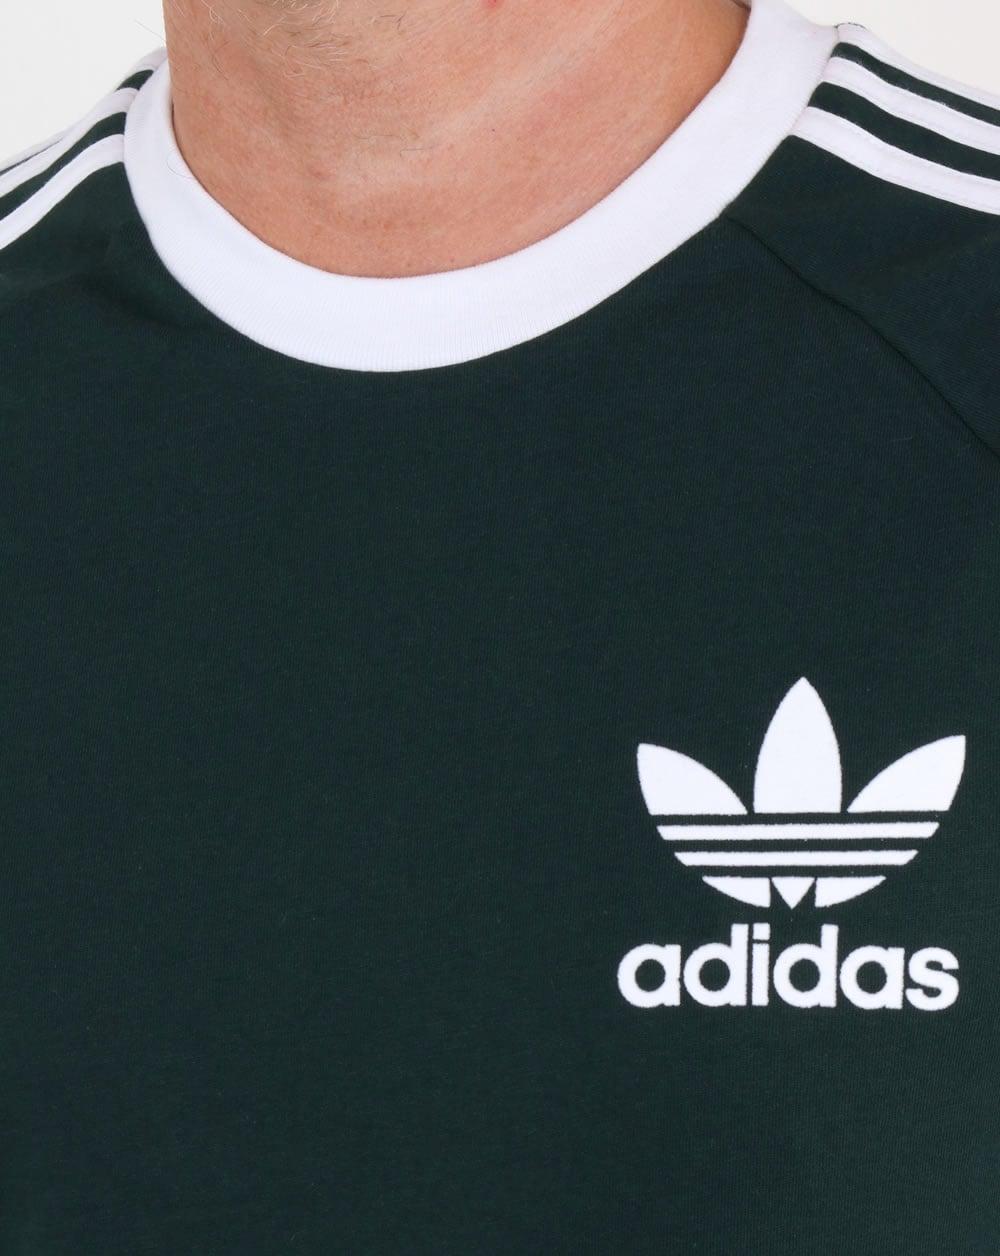 b11d8eb22 Adidas Originals CLFN T Shirt Green Night,3 stripes,originals,mens,tee